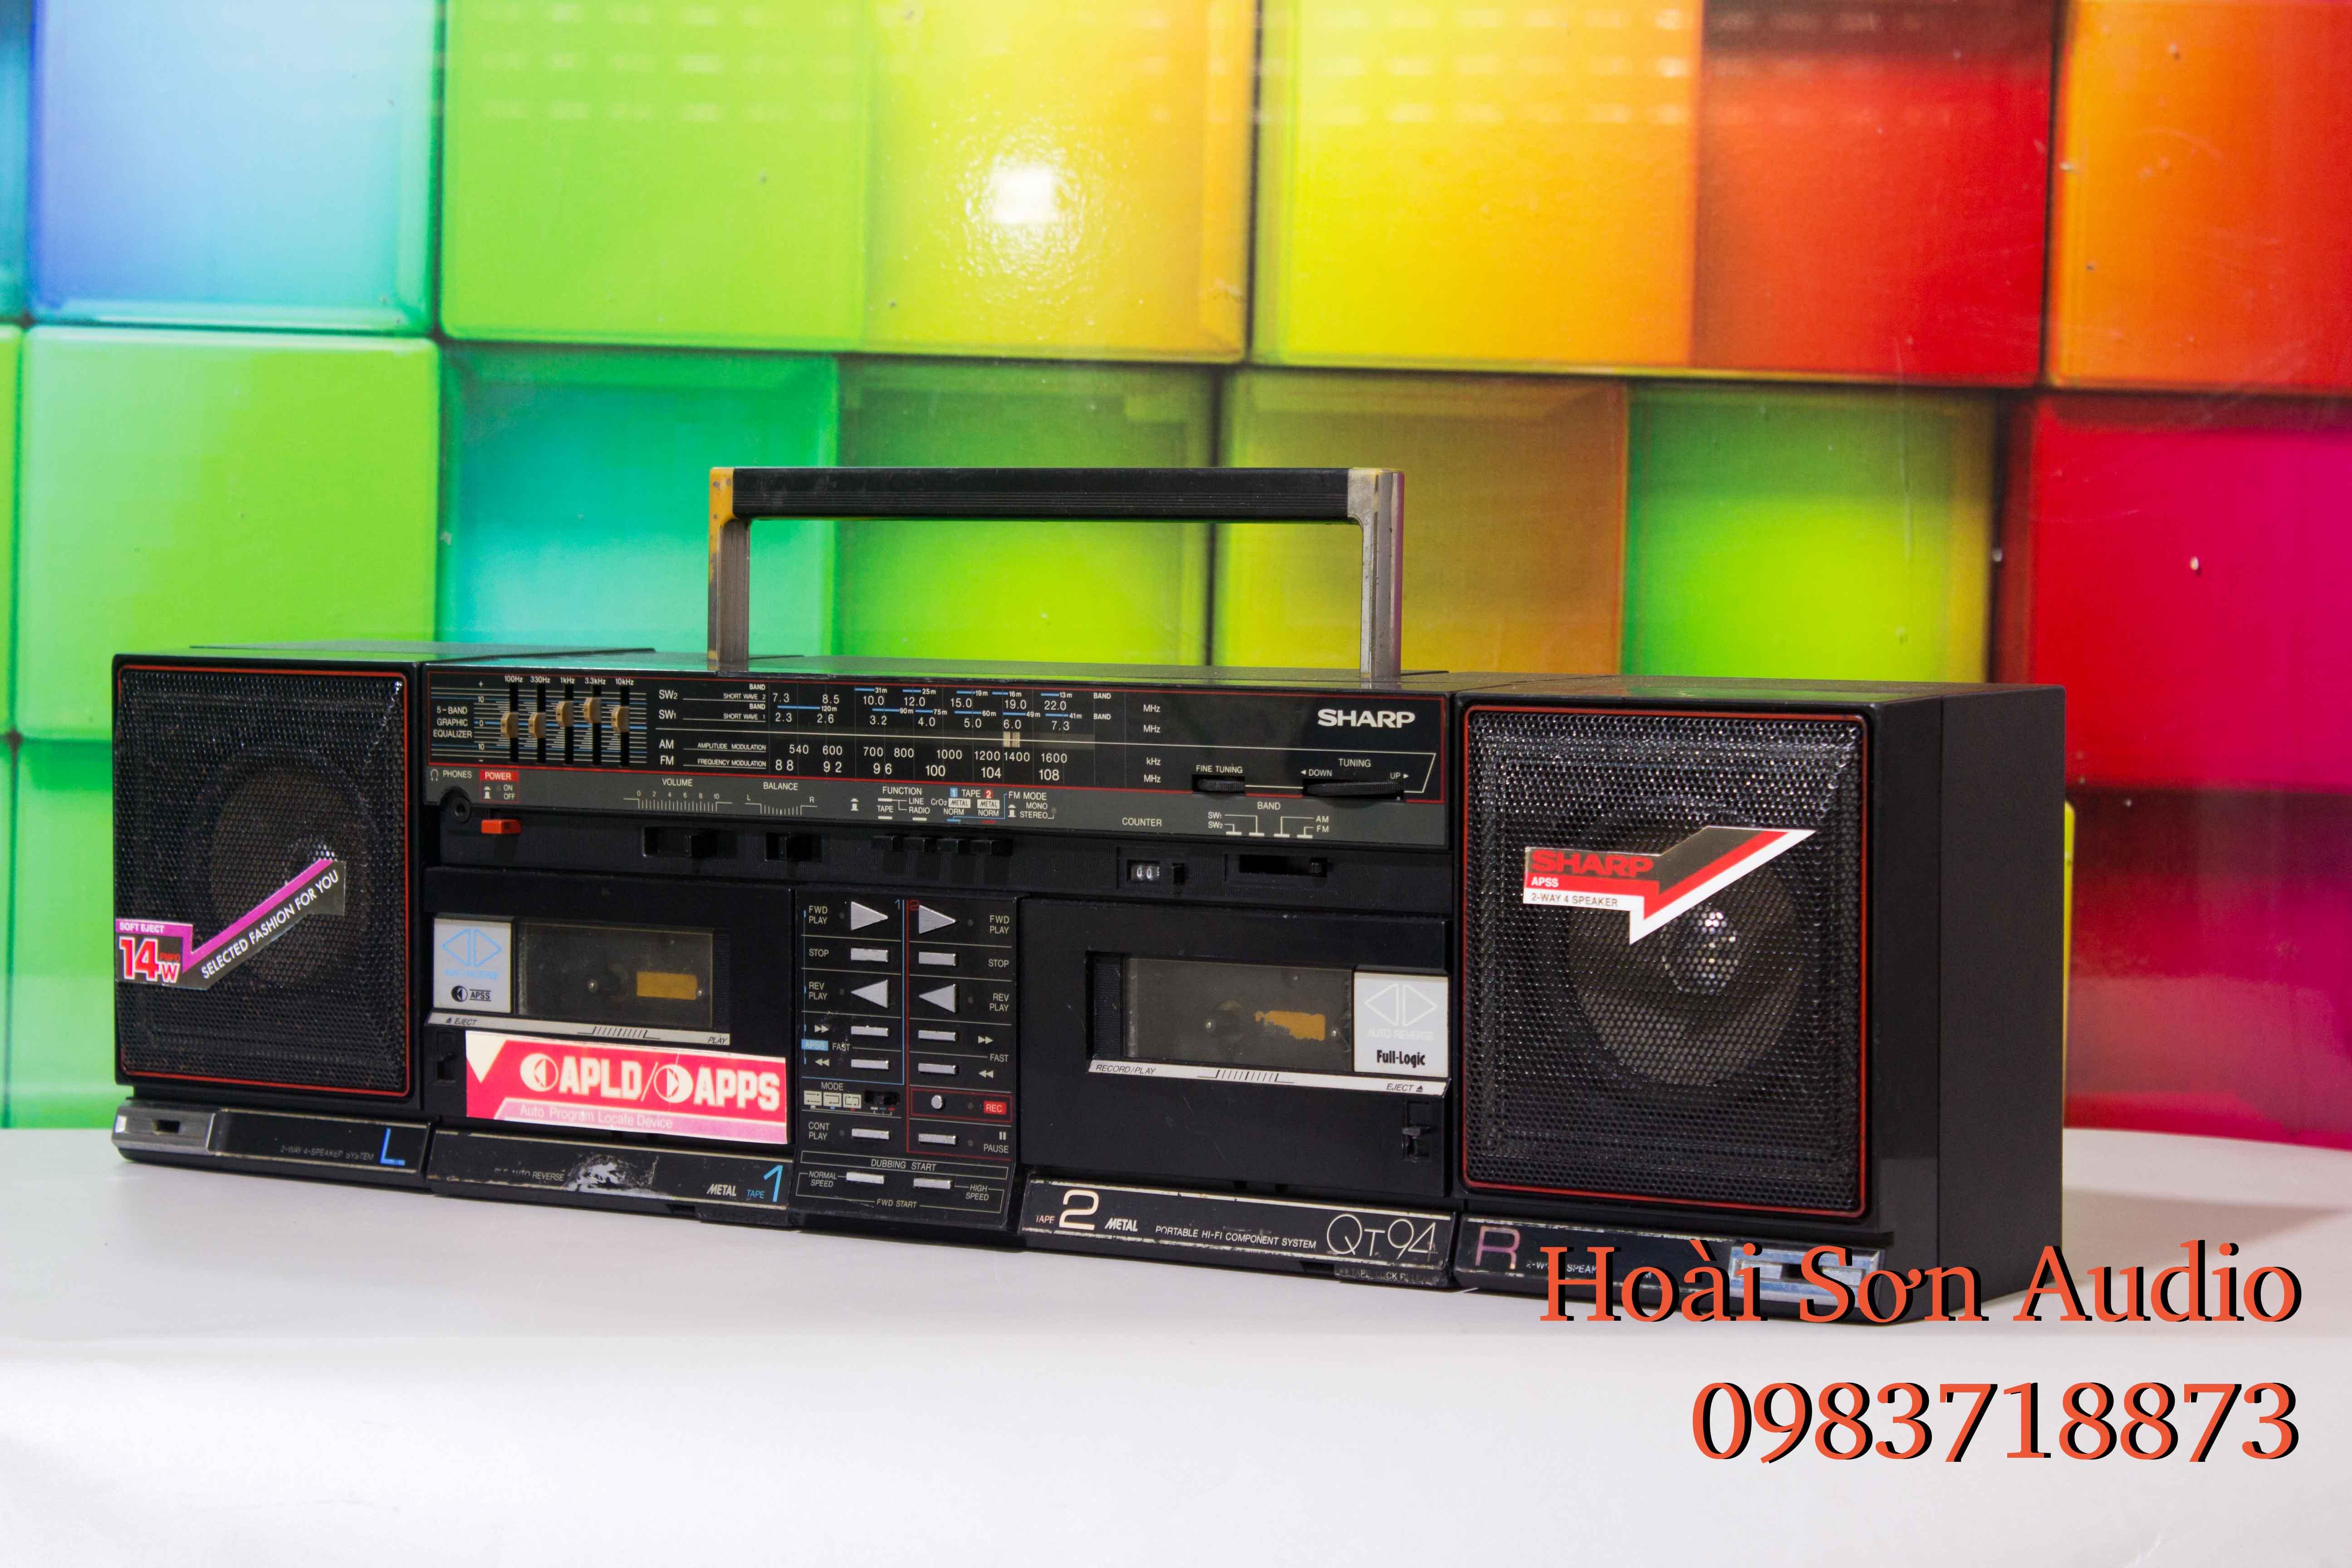 ĐÀI CASSETTE CỔ RADIO SHARP QT94